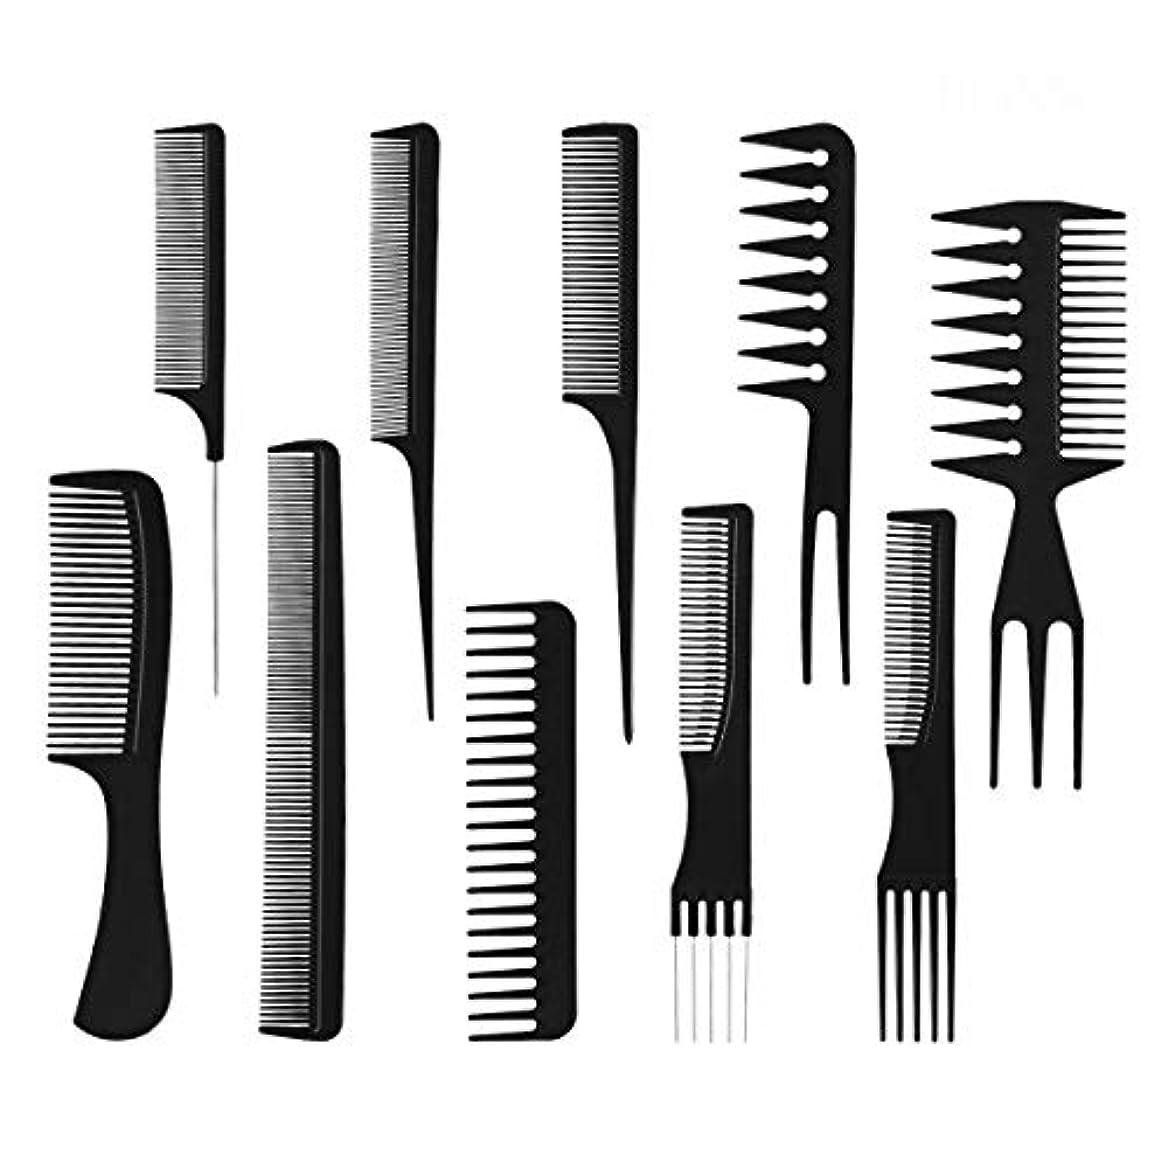 スピリチュアルしてはいけませんペルソナZHER-LU ヘアブラシ ヘアコーム 髪櫛 プラスチック 理髪道具 美容ツール 美髪セット 美容 理容 散髪 美容師 専用 家庭用 静電気防止 ブラック 10本セット